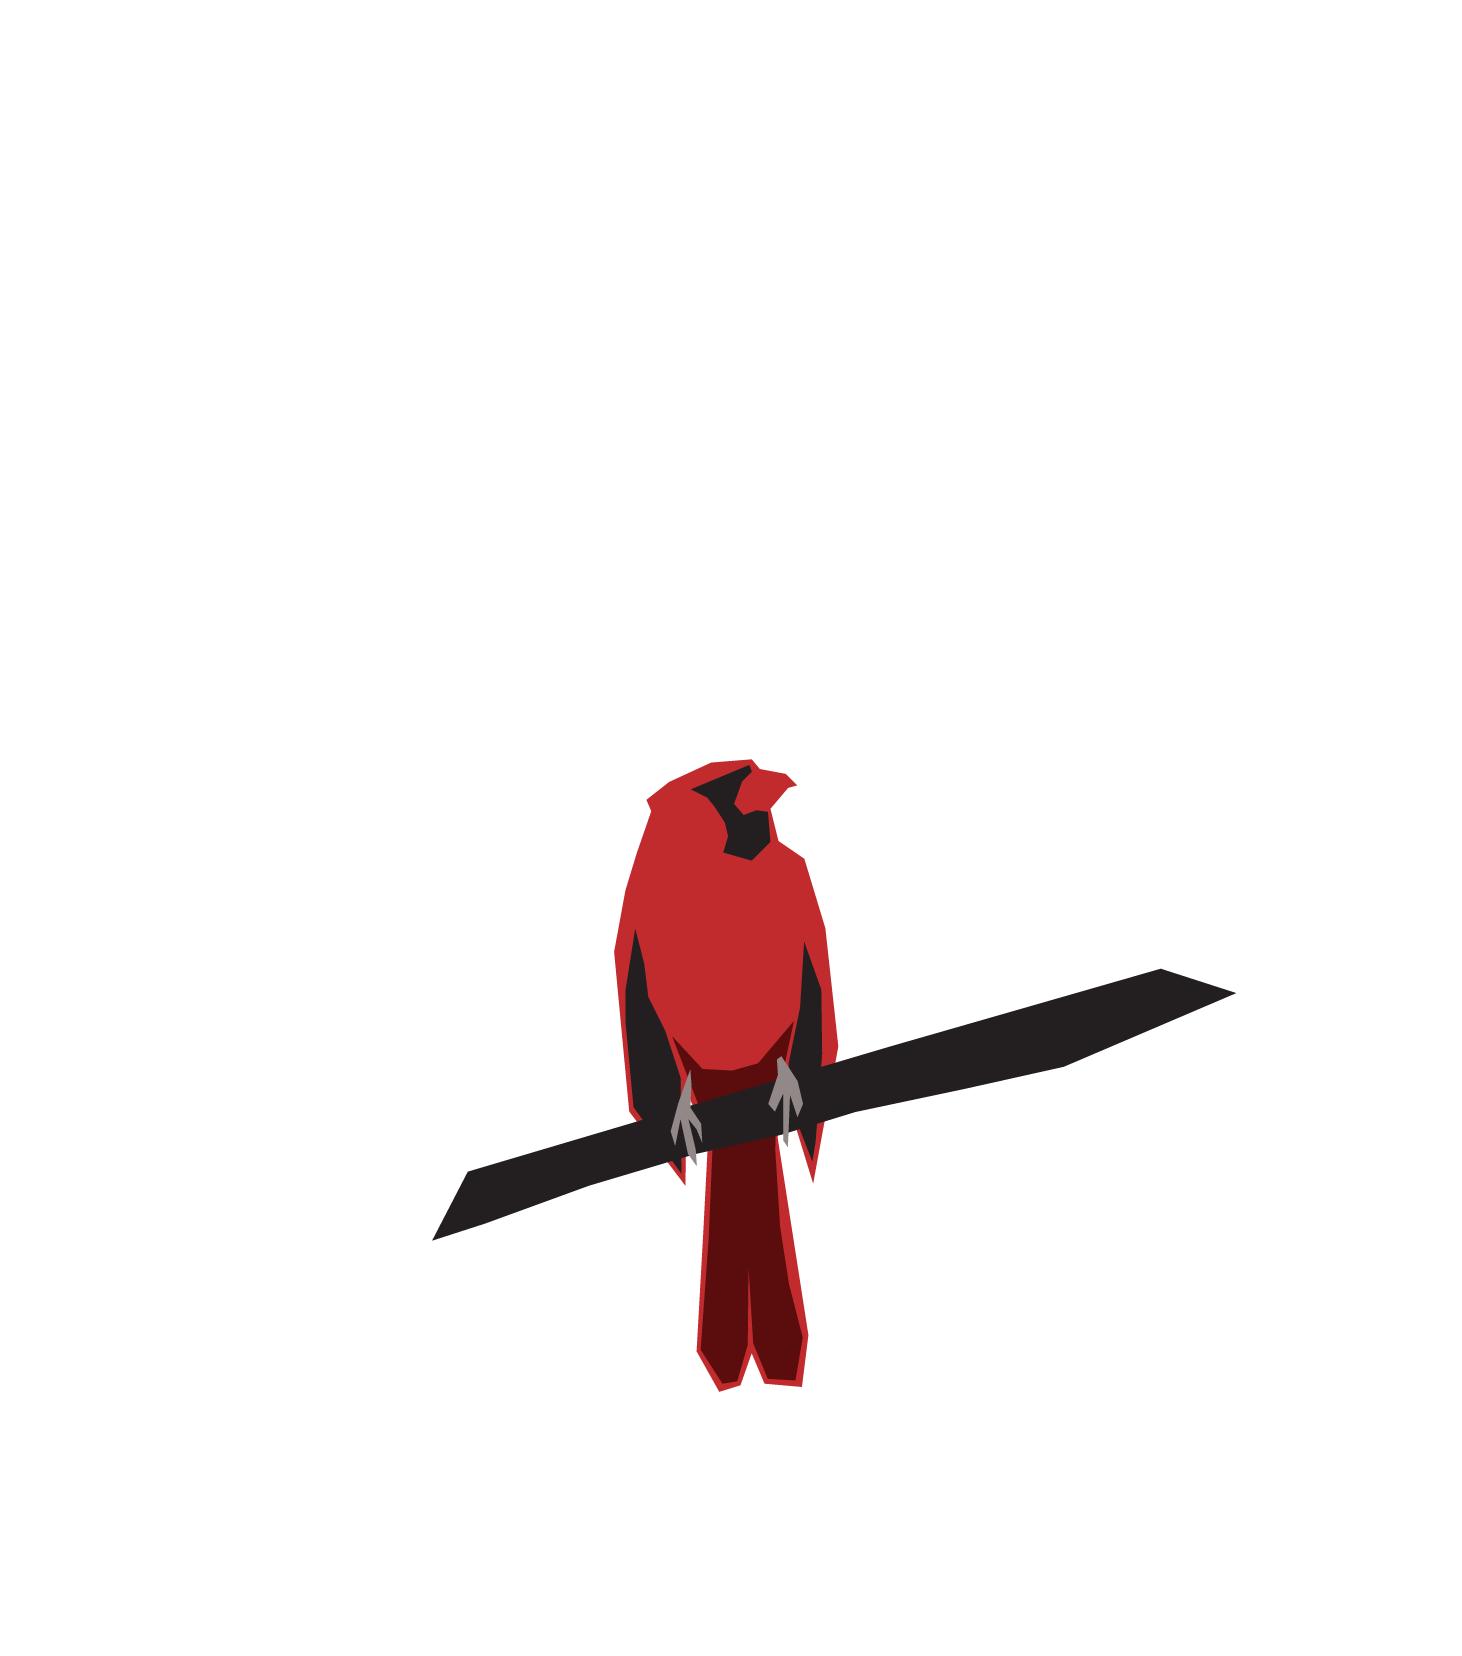 bird3_Cardinal.png